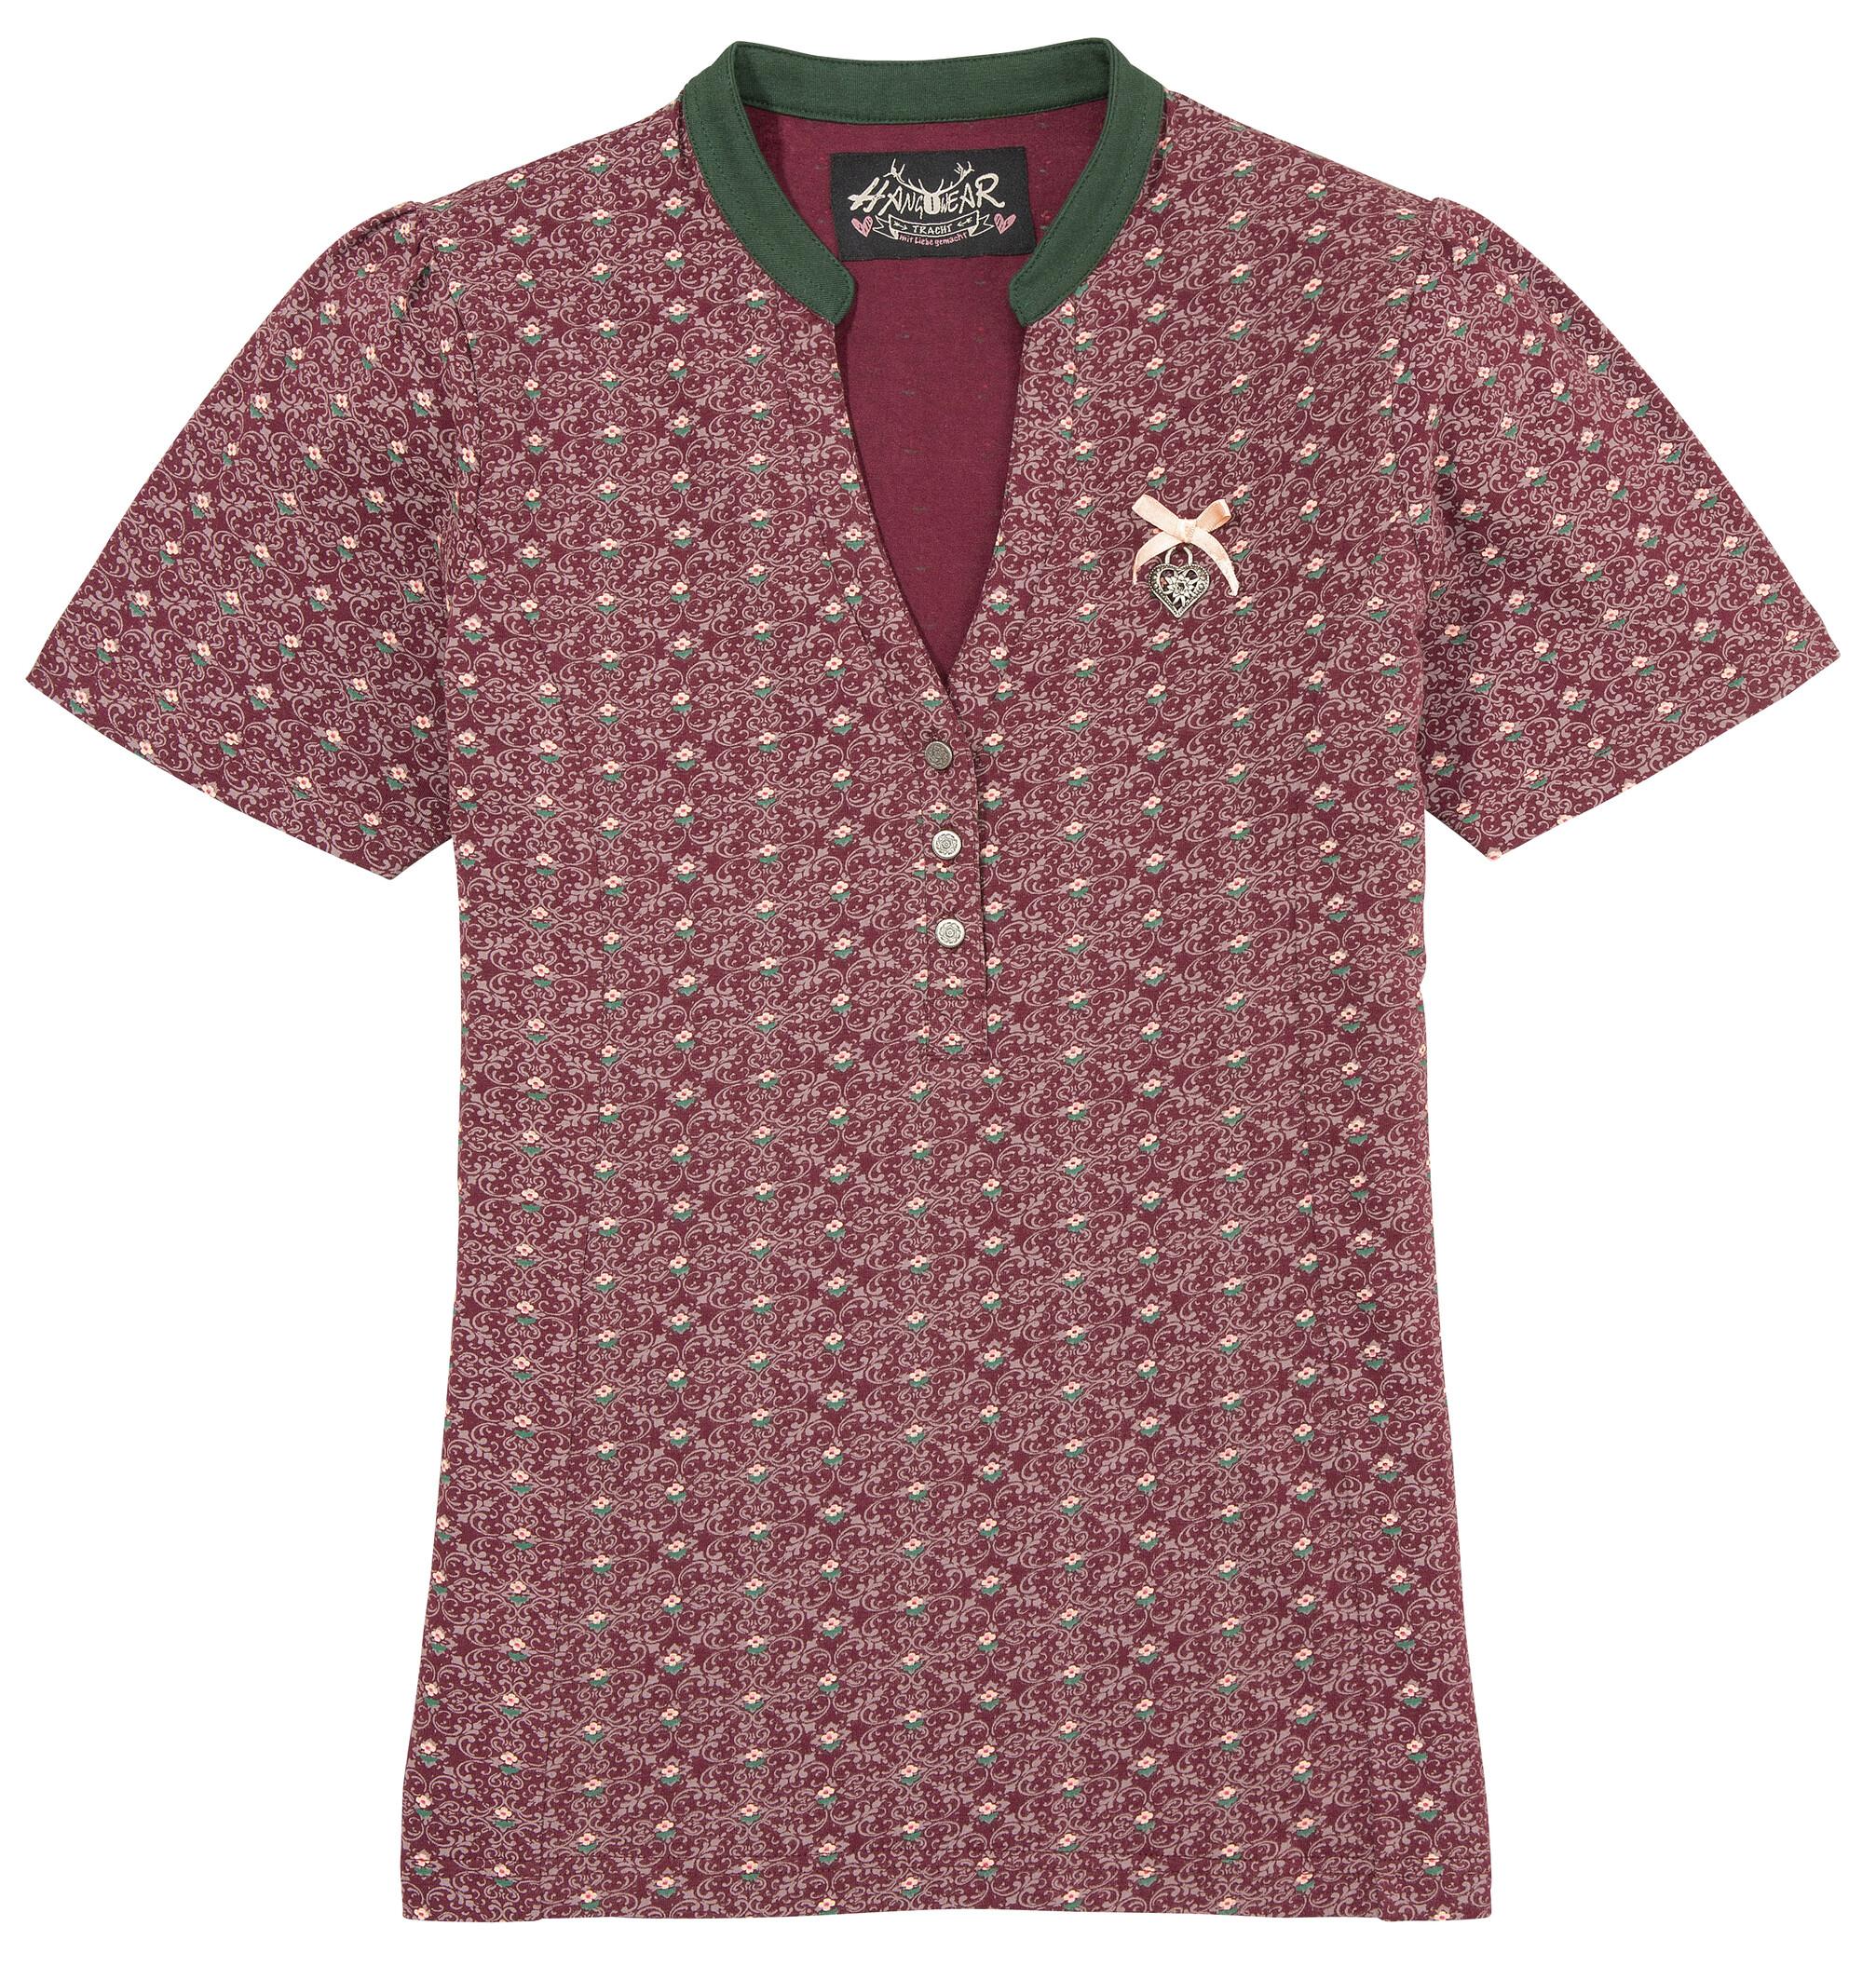 hangowear -  Trachtenshirt Agany, besonders elastisch mit V-Ausschnitt